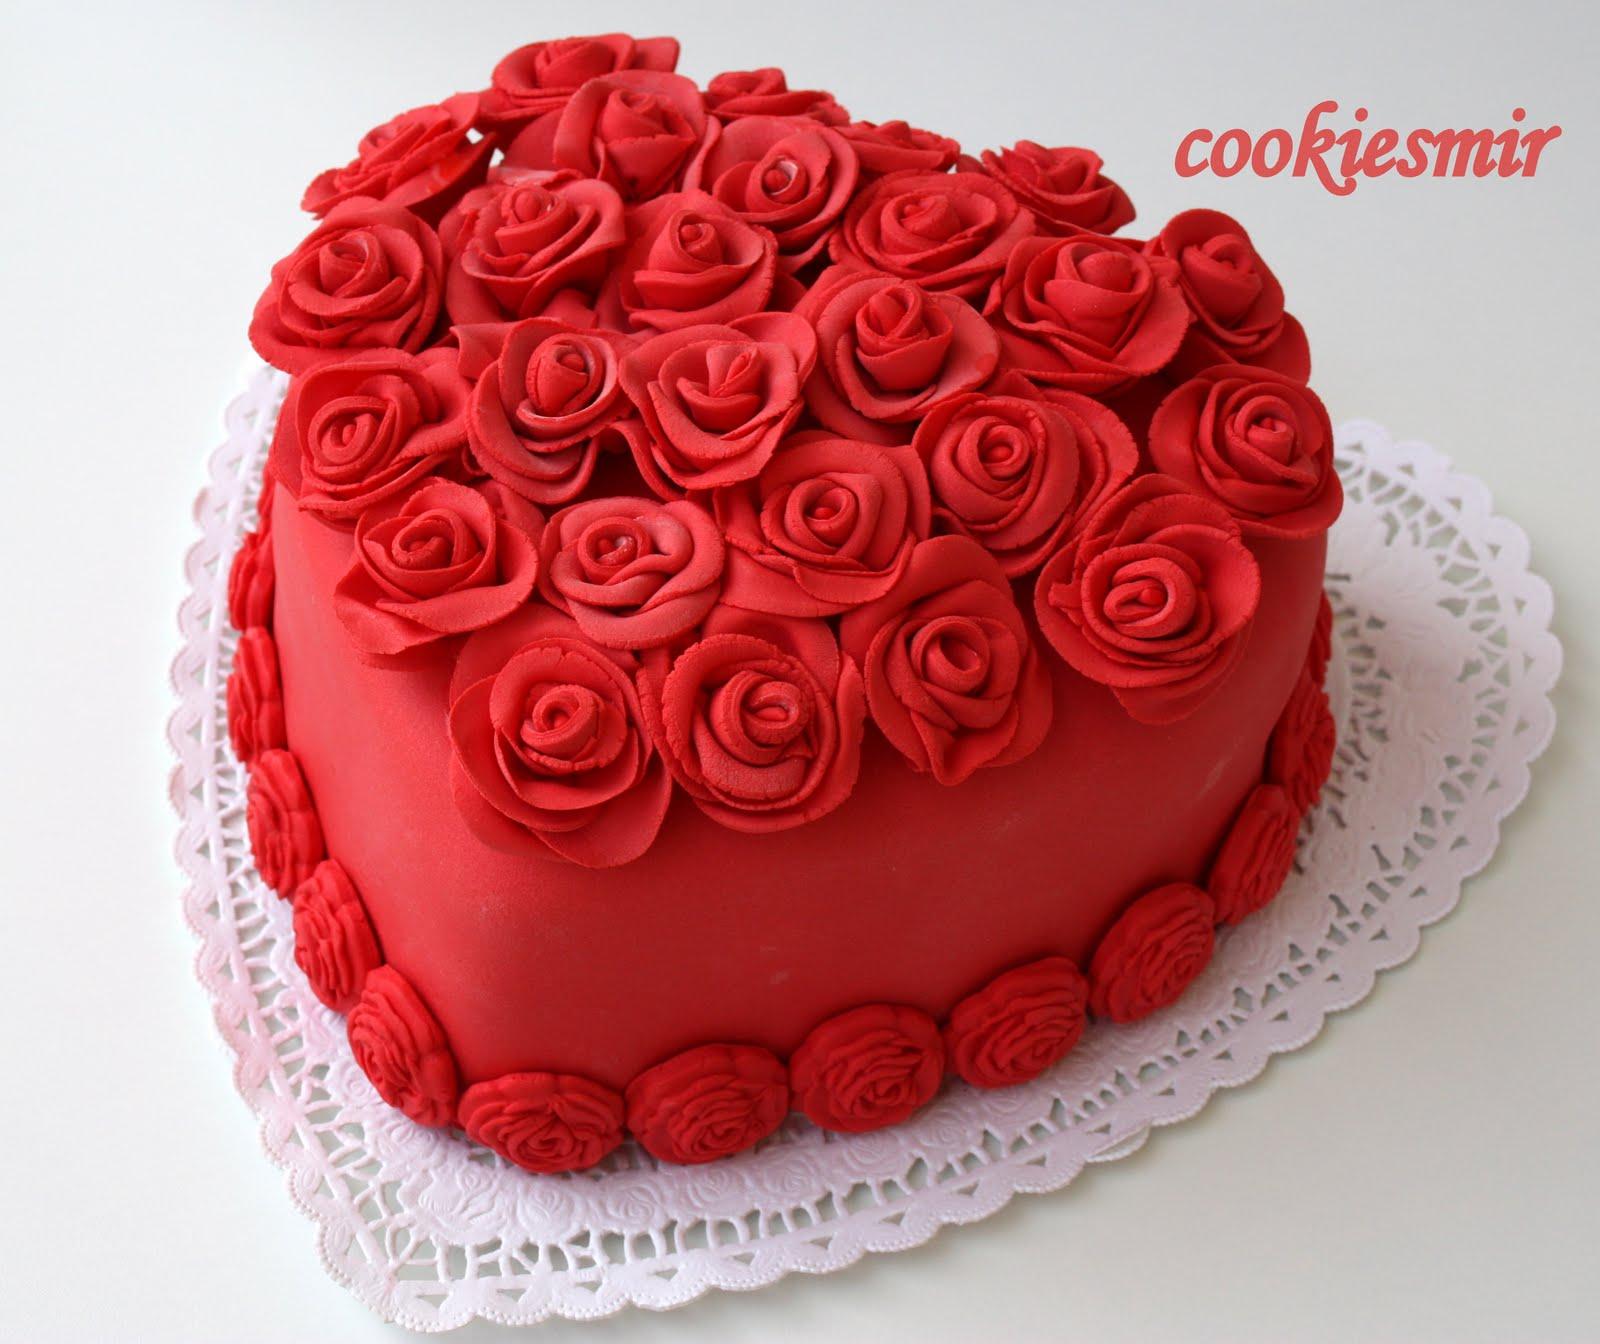 Serap hanımın doğum gününe hazırlanan sürpriz pasta